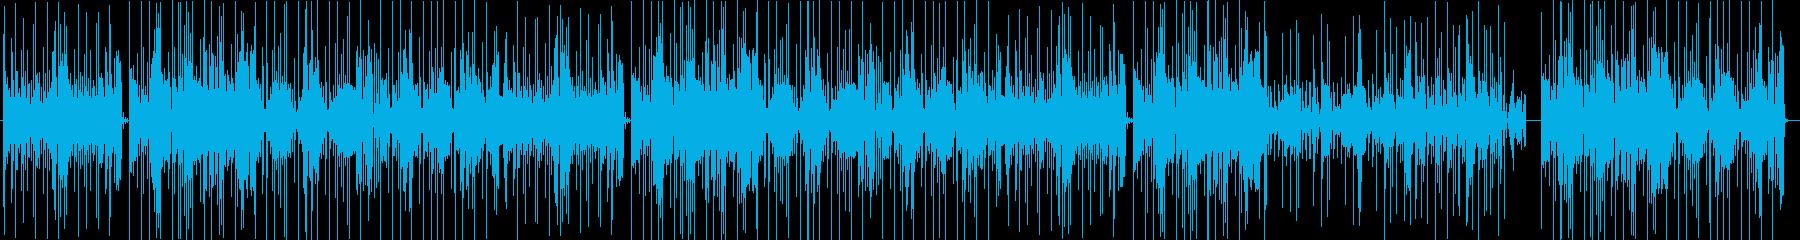 中毒性のあるHipHopサウンドの再生済みの波形